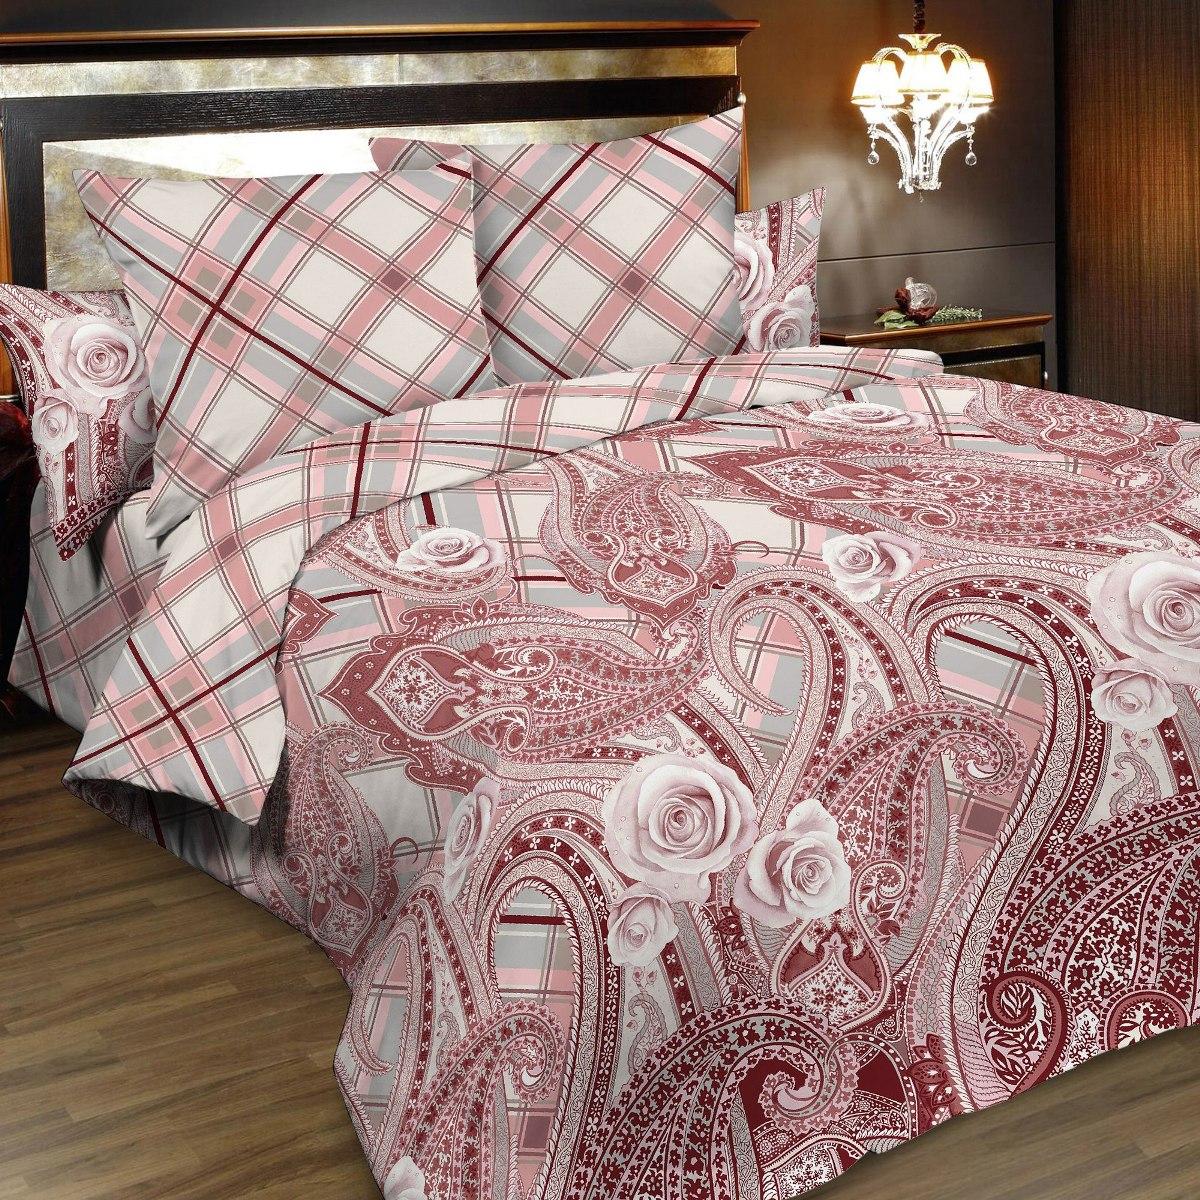 Комплект белья Letto, семейный, наволочки 70х70, цвет: розовый. B169-7B169-7Серия Letto «Традиция» выполнена из классической российской бязи, привычной для большинства российских покупательниц. Ткань плотная (125гр/м), используются современные устойчивые красители. Традиционная российская бязь выгодно отличается от импортных аналогов по цене, при том, что сама ткань и толще, меньше сминается и служит намного дольше. Рекомендуется перед первым использованием постирать, но не пересушивать. Применение кондиционера при стирке сделает такое постельное белье мягче и комфортней. Пододеяльник на молнии. Обращаем внимание, что расцветка наволочек может отличаться от представленной на фото.